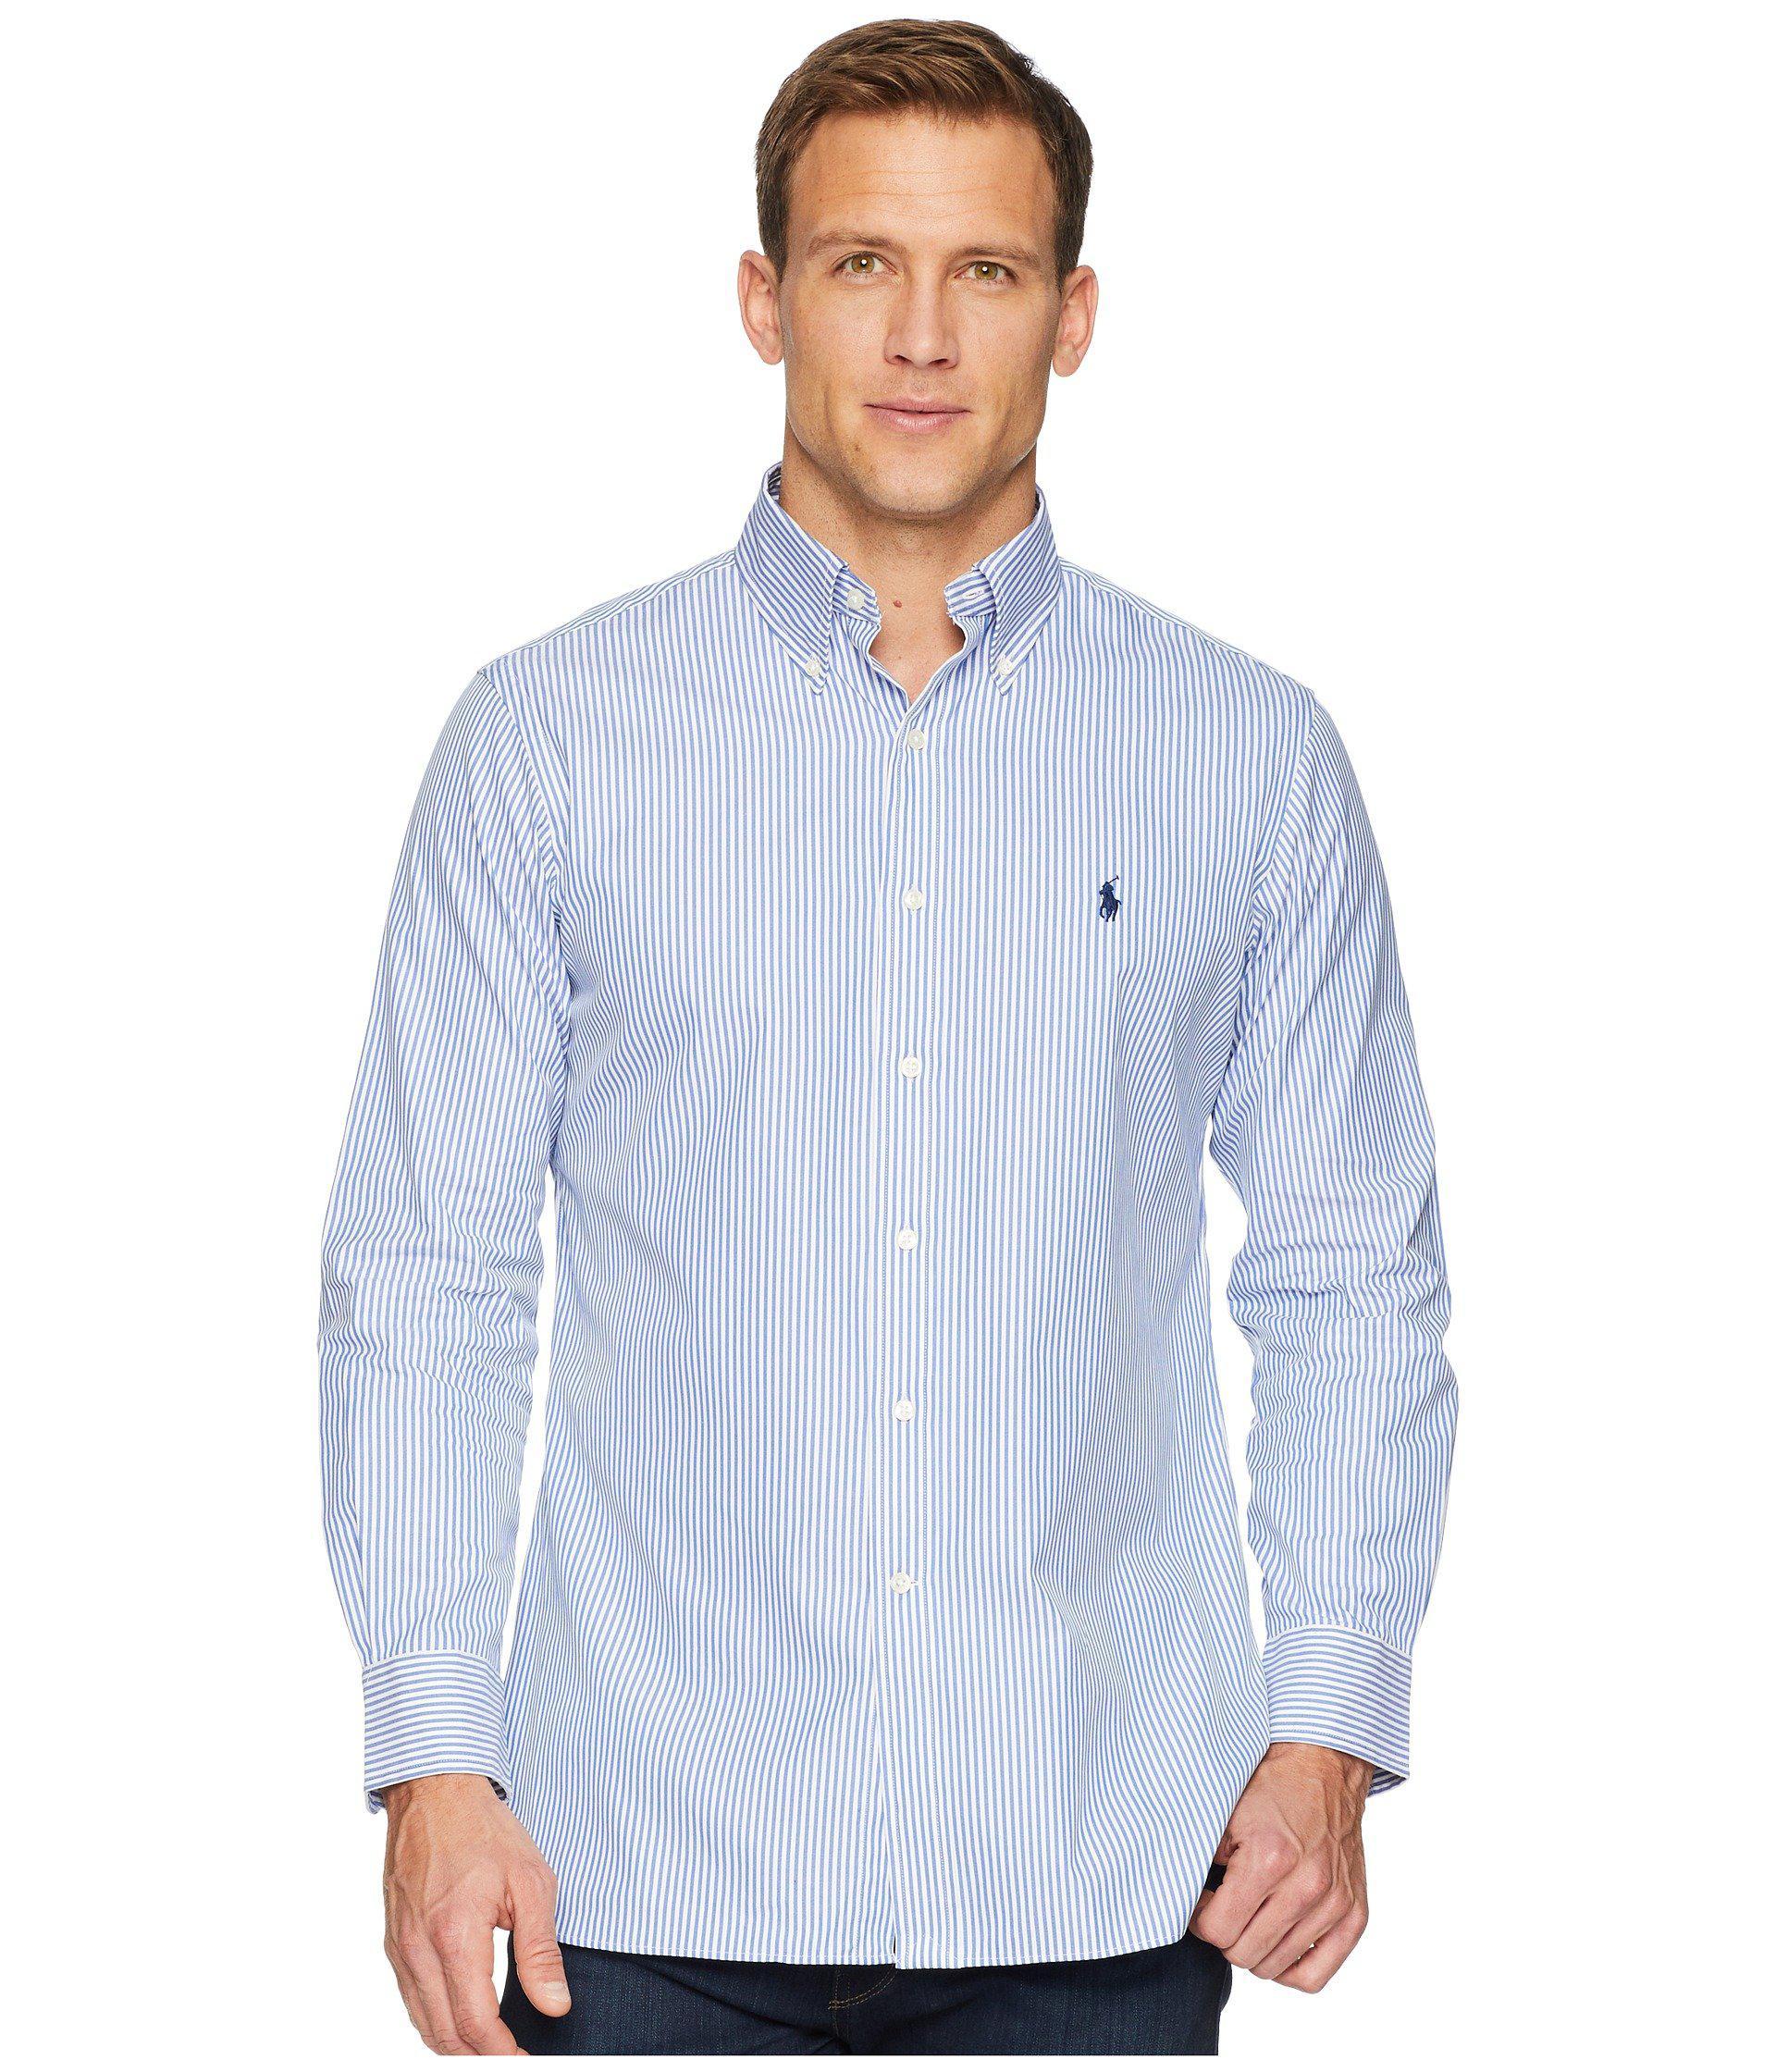 Lyst Polo Ralph Lauren Standard Fit Poplin Dress Shirt Bluewhite